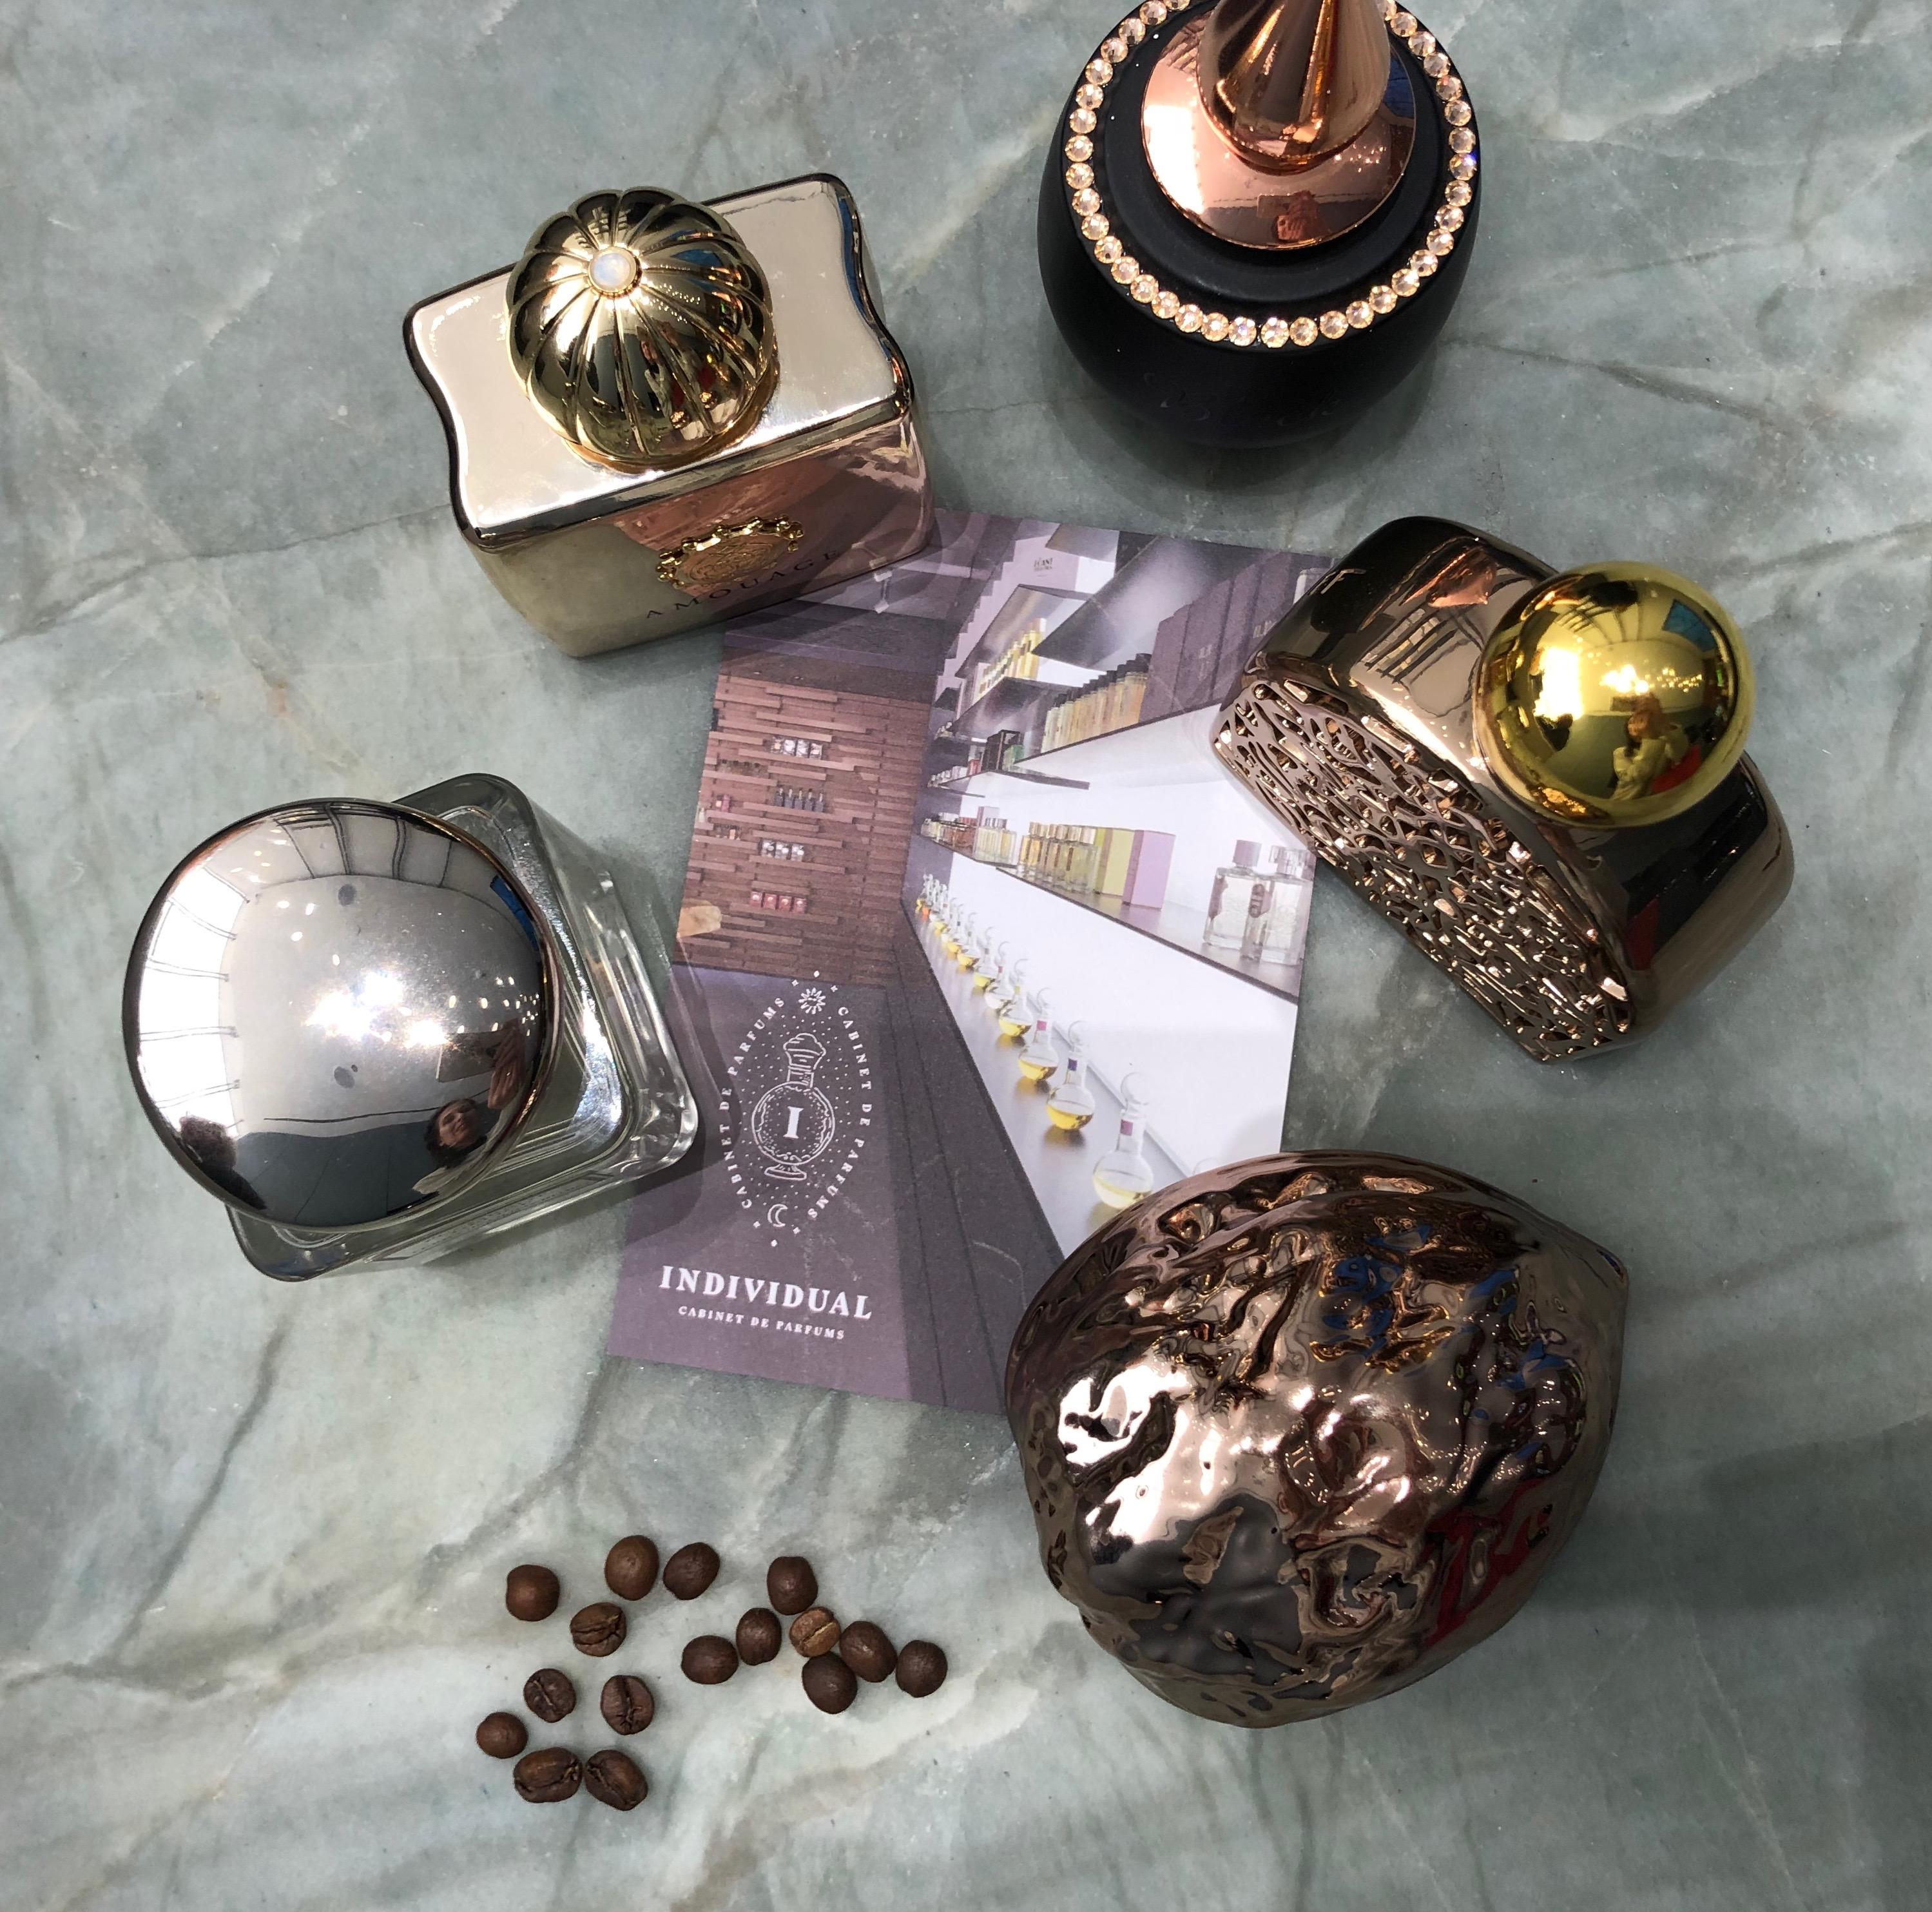 Individual Cabinet de Parfums поможет выбрать свой аромат в эксклюзивной парфюмерии